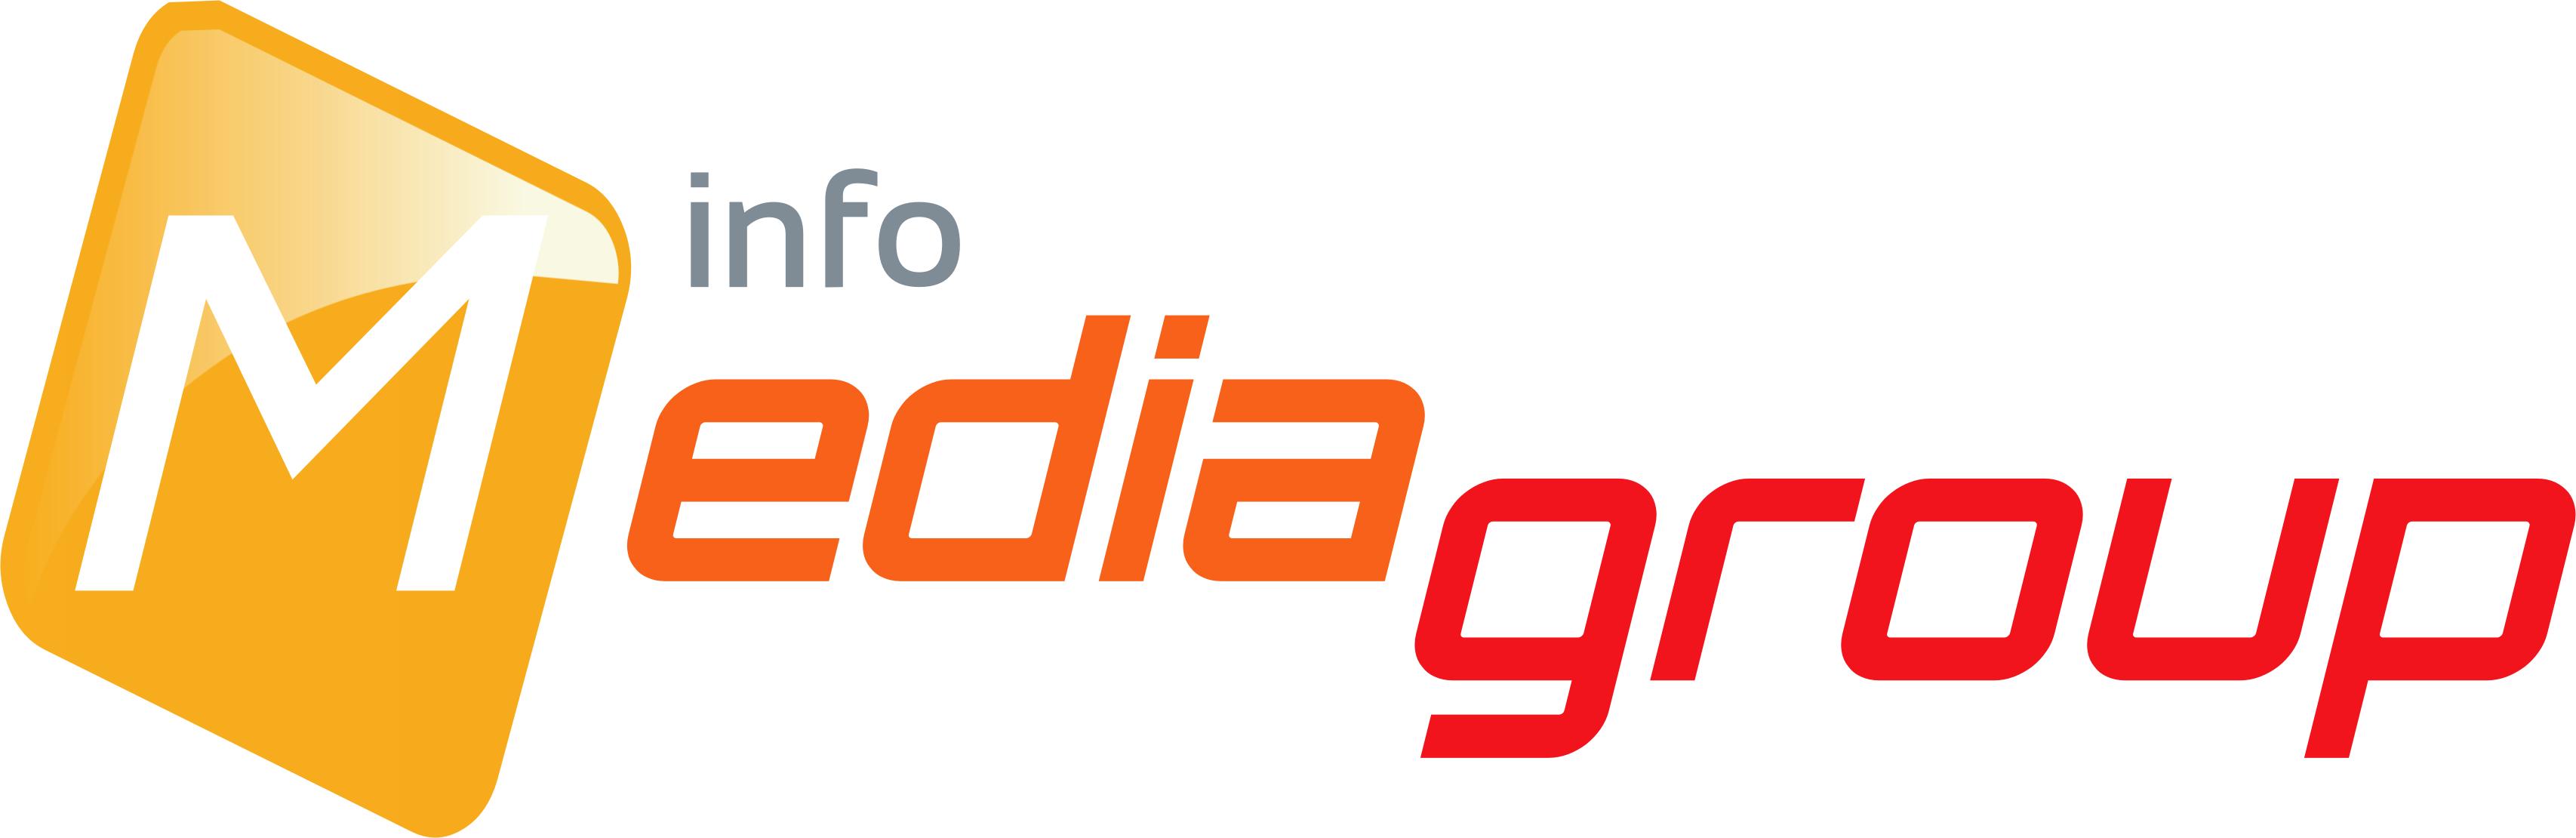 https://m.wmwm.pl/2015/07/orig/logo-patronat-medialny-mediagroupinfo-do-zaprosznia-plakatu-i-ulotki-4666.jpg